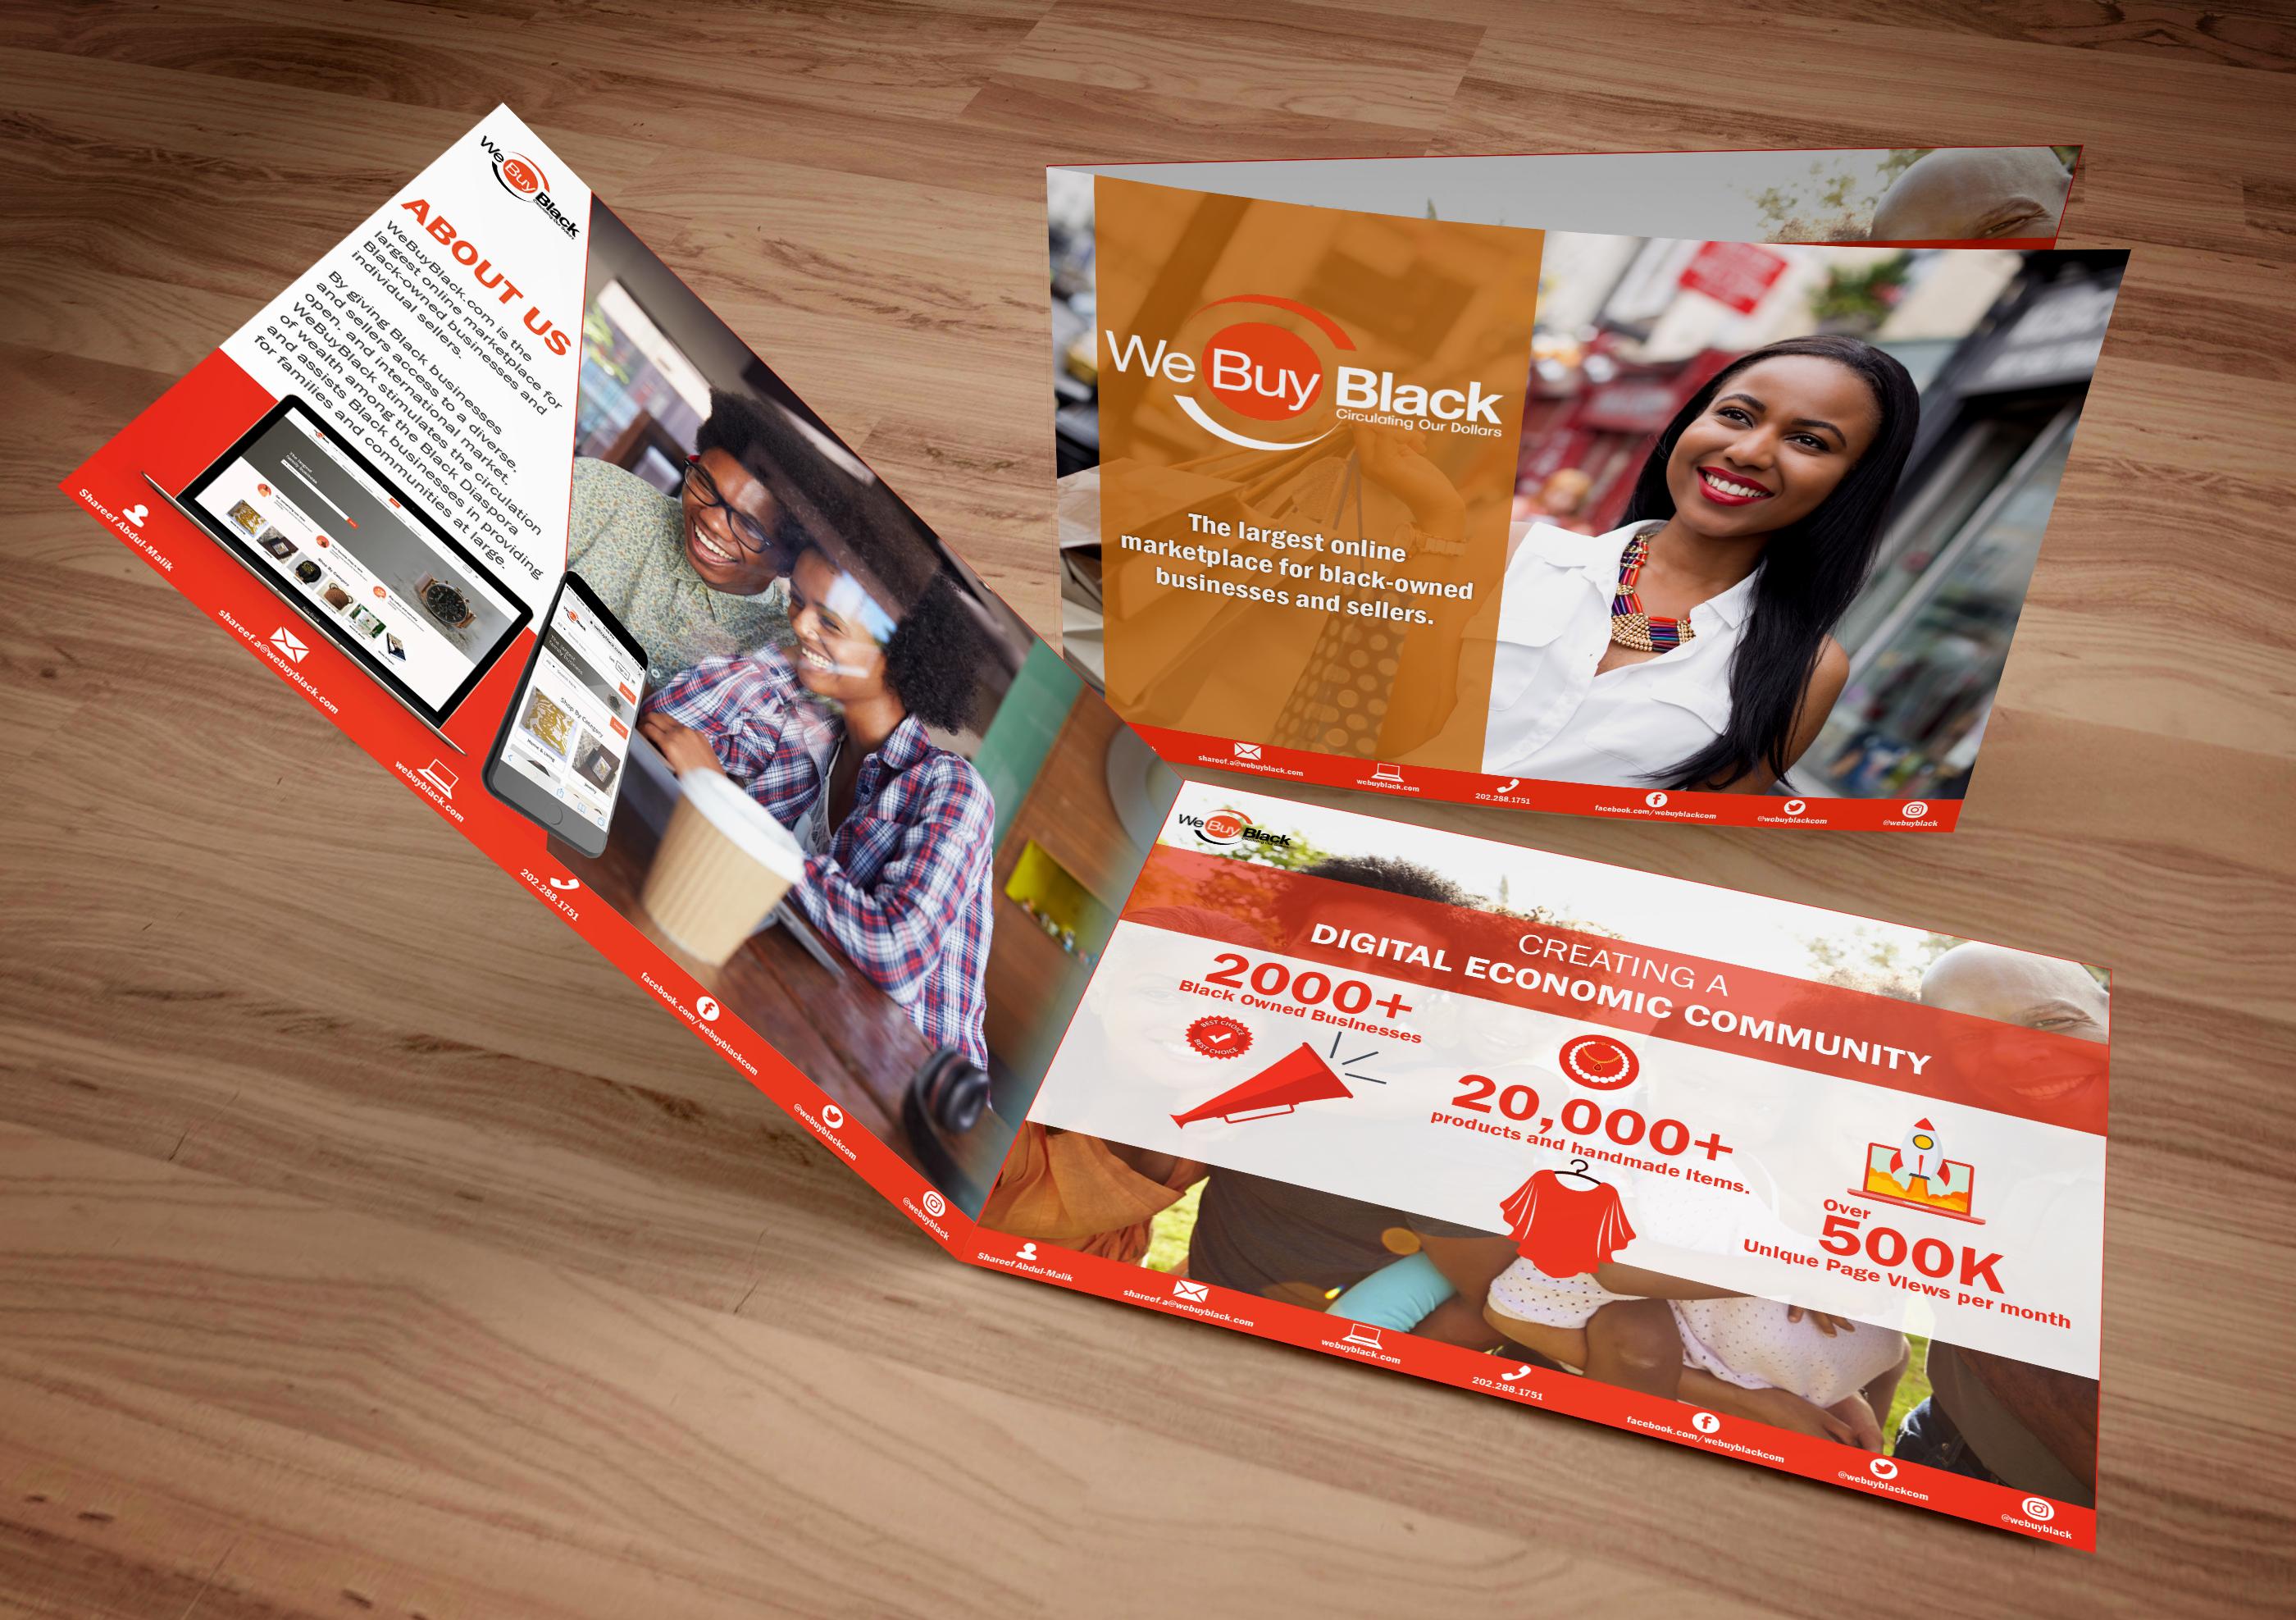 We Buy Black Media Kit